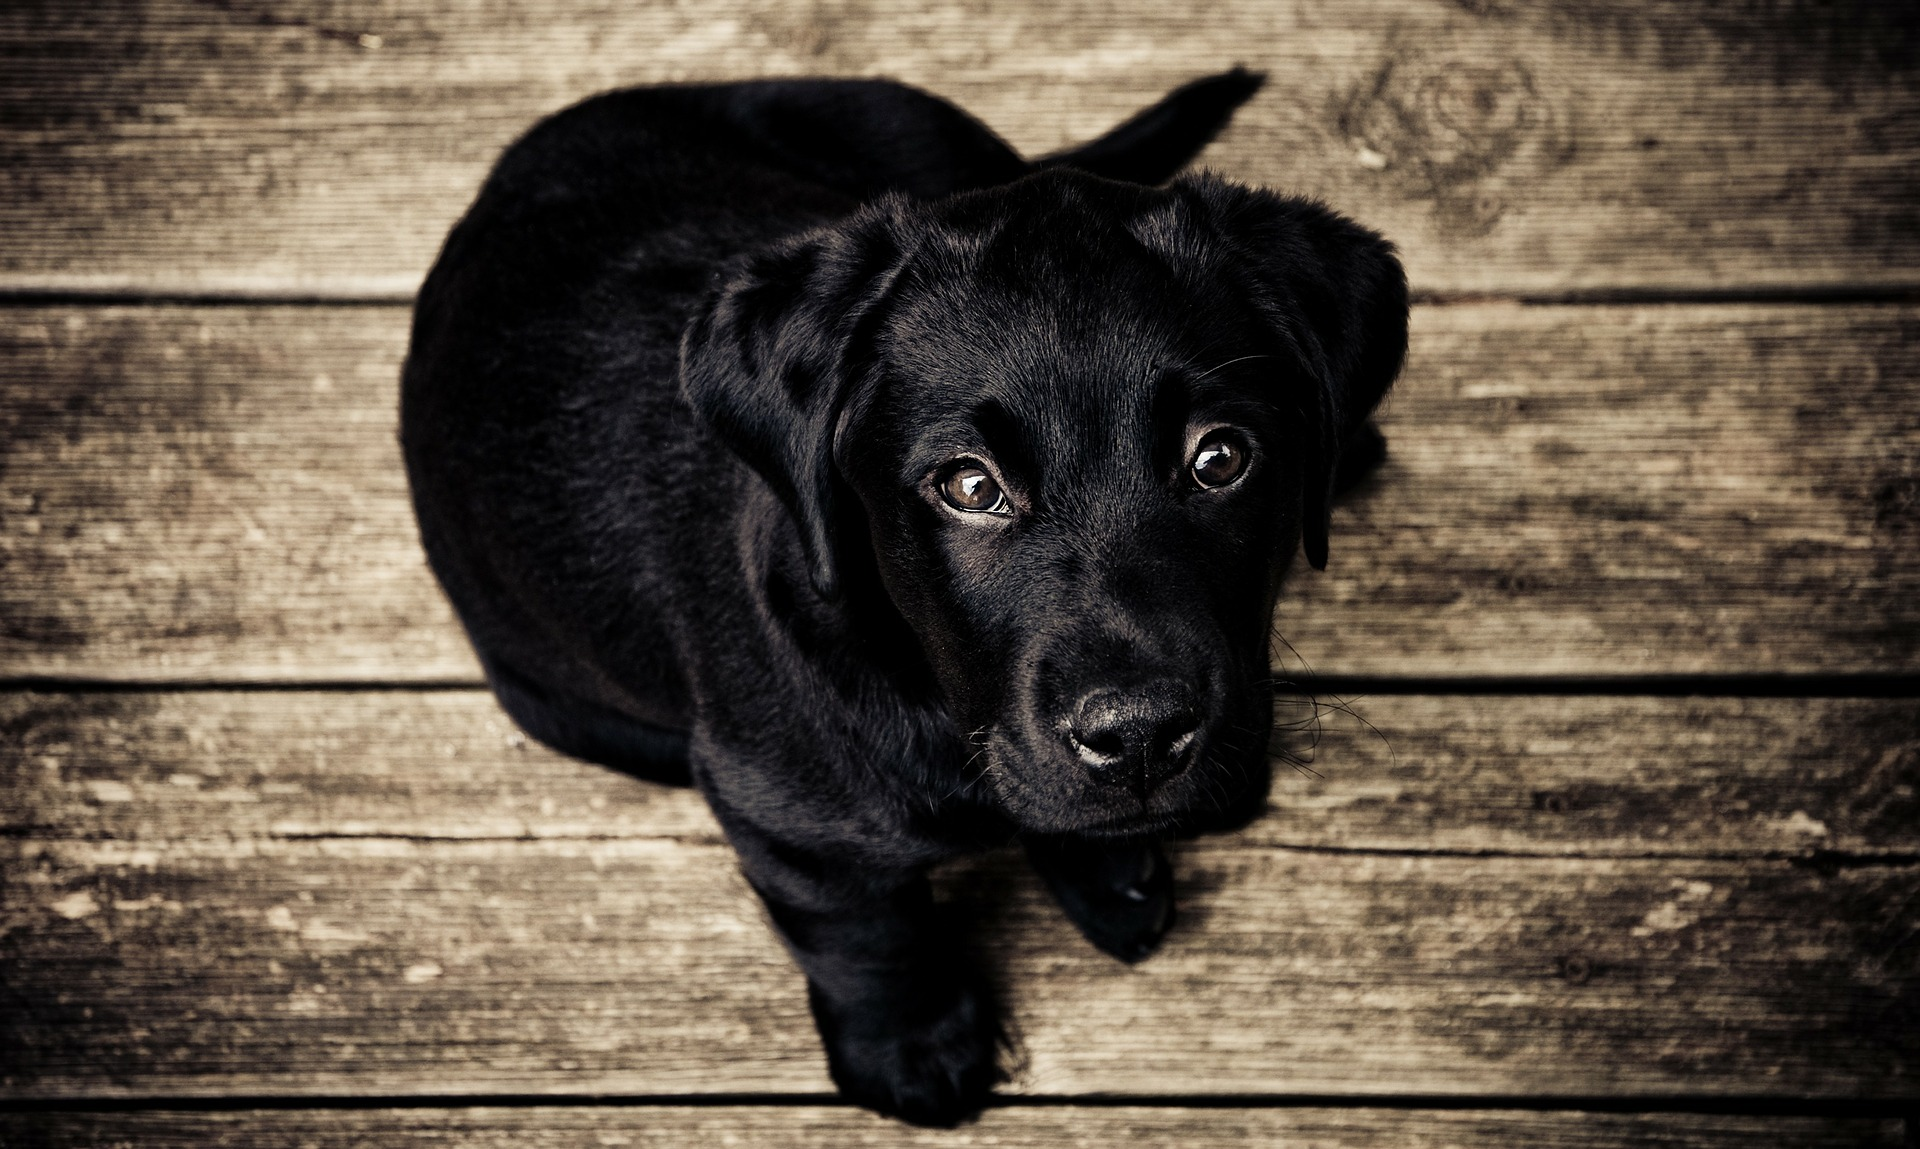 puppy-336707_1920